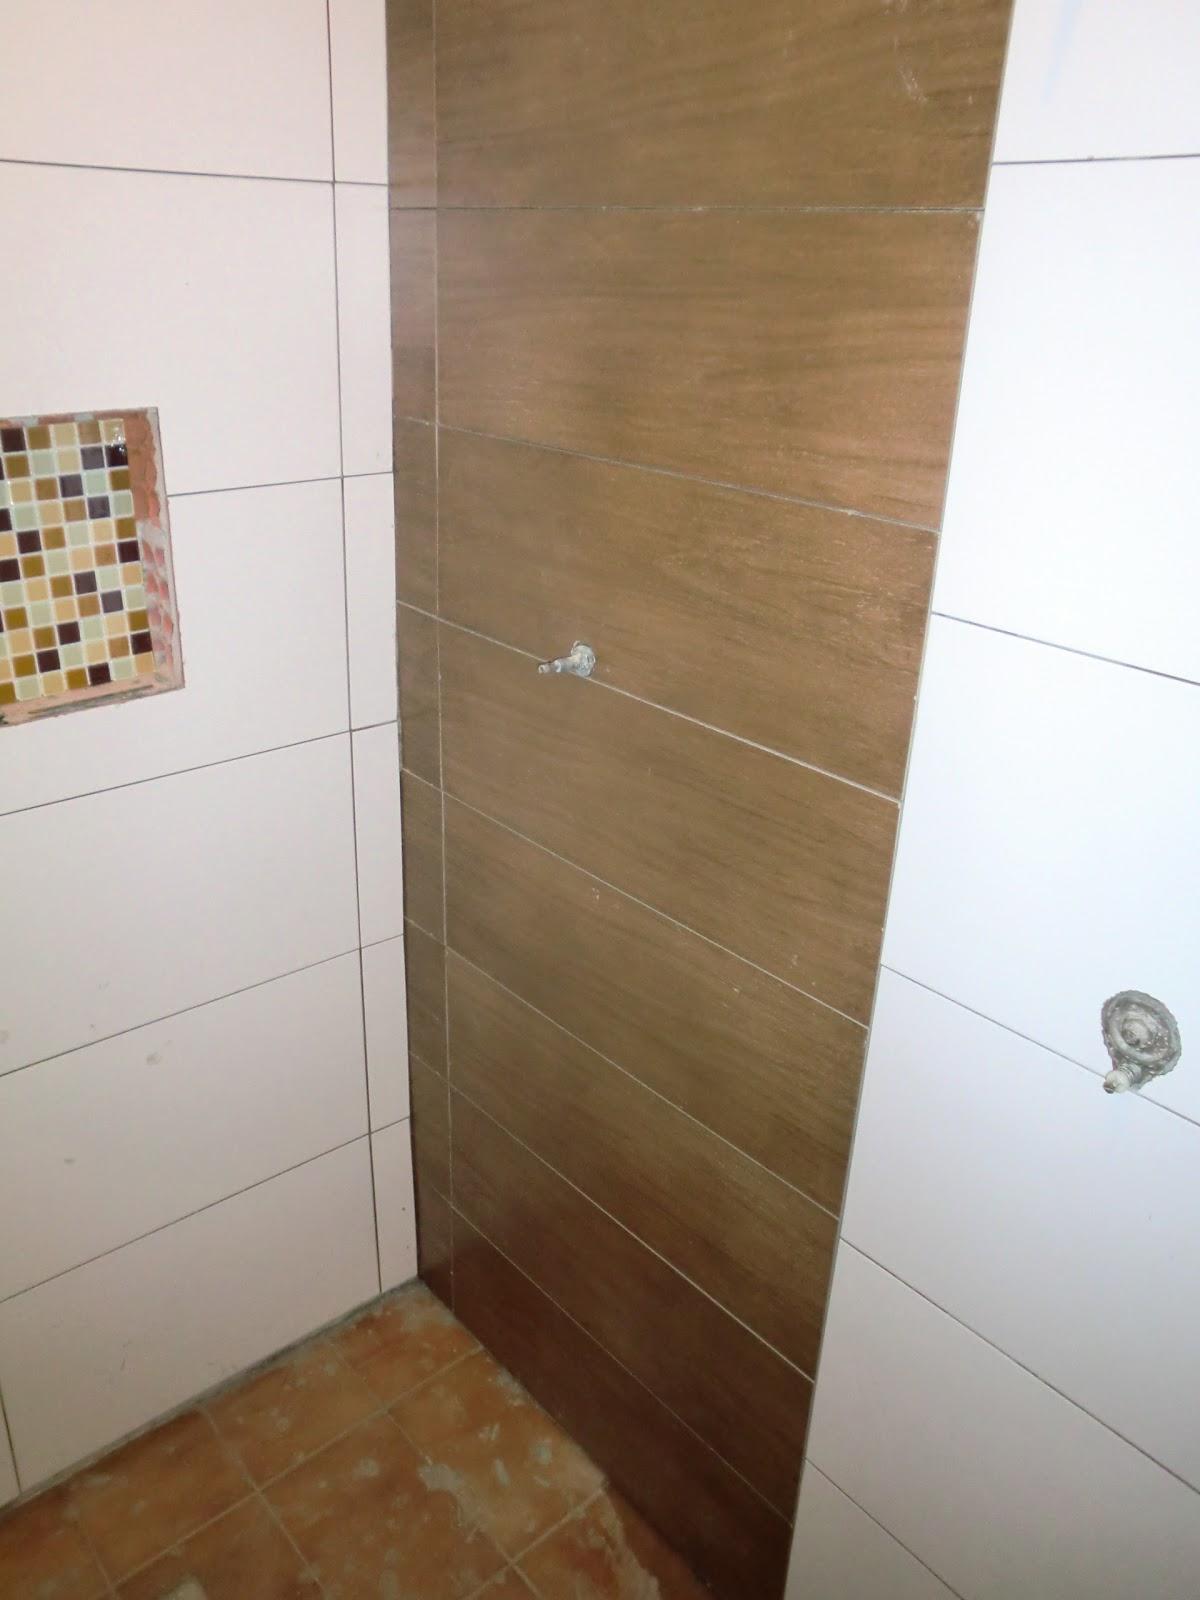 Banheiros Com Pastilhas Luxo Decorados Decorar Banheiro Pelautscom #432817 1200x1600 Banheiro Container Luxo